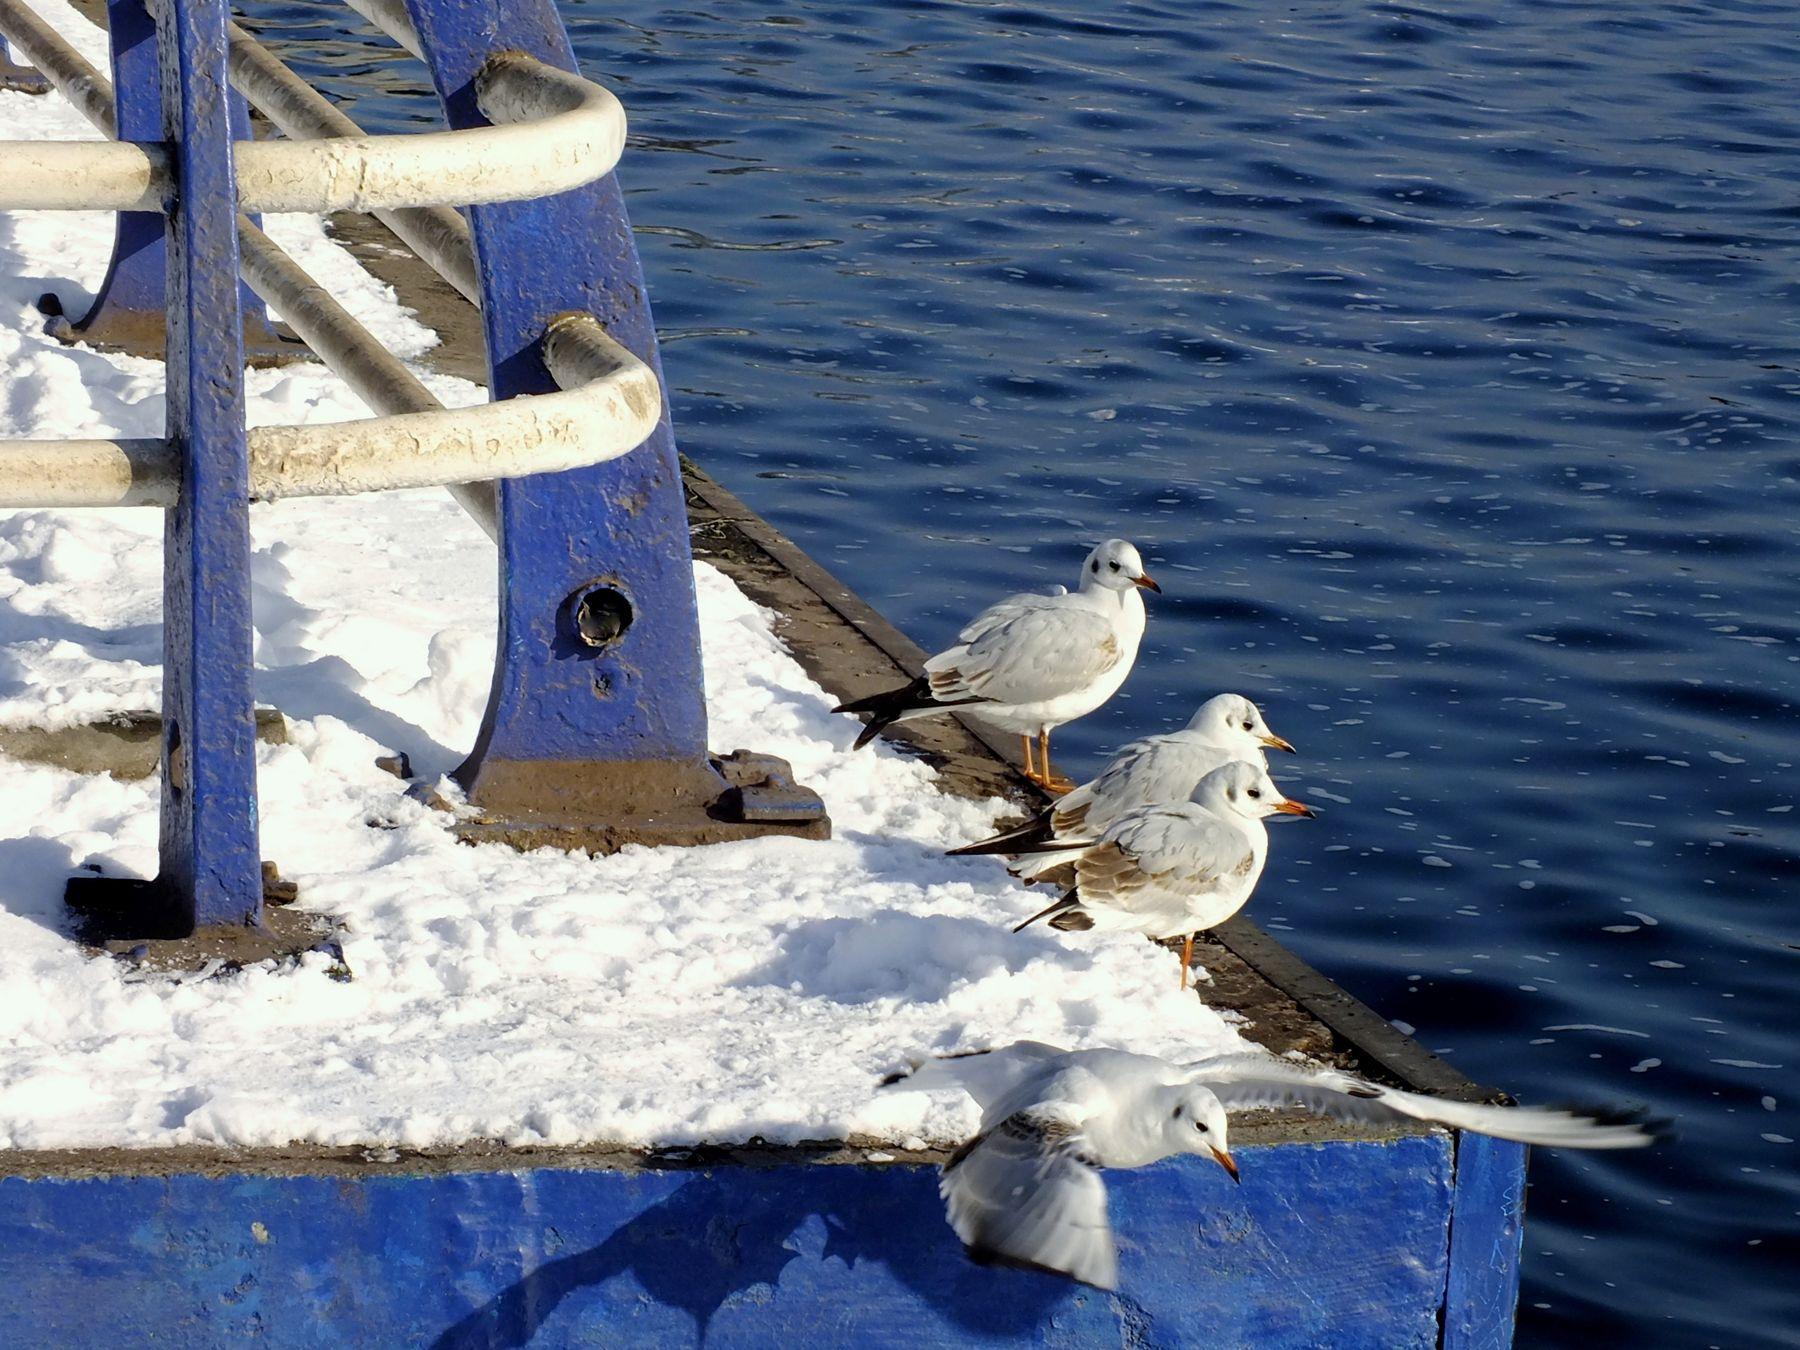 Хозяйки набережной январь днепр снег херсон набережная чайки